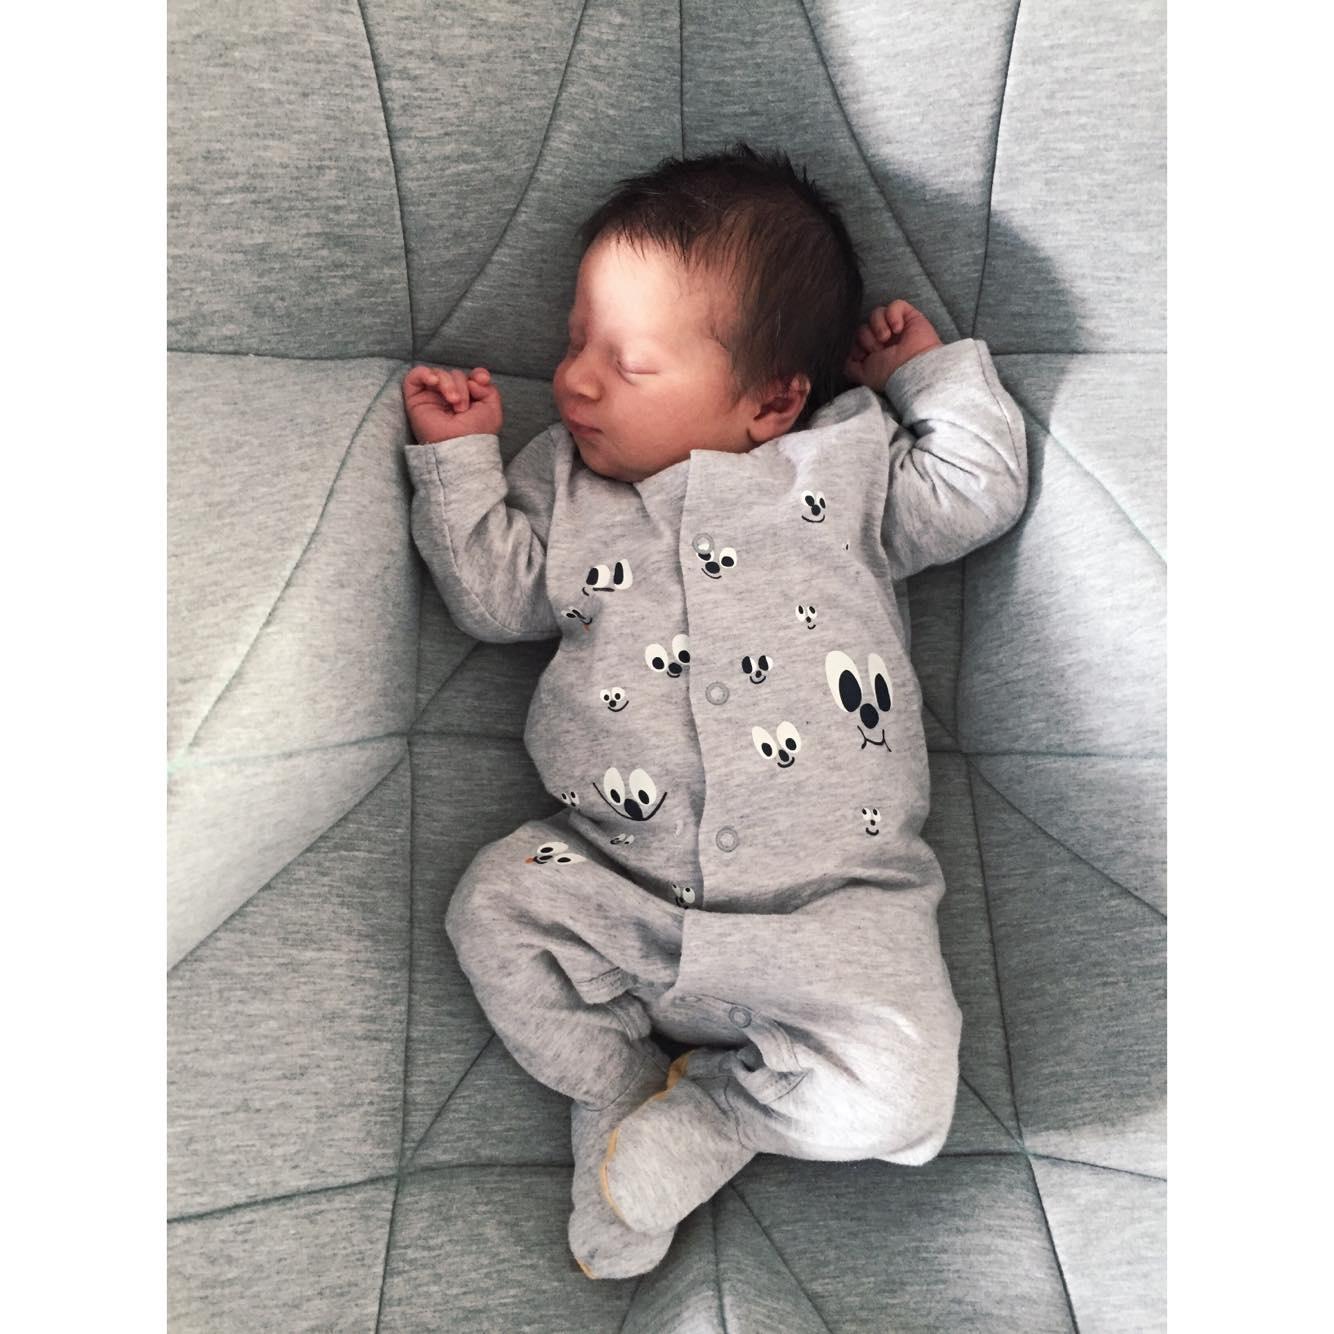 Hangloose, goed voor de gezondheid van je baby.